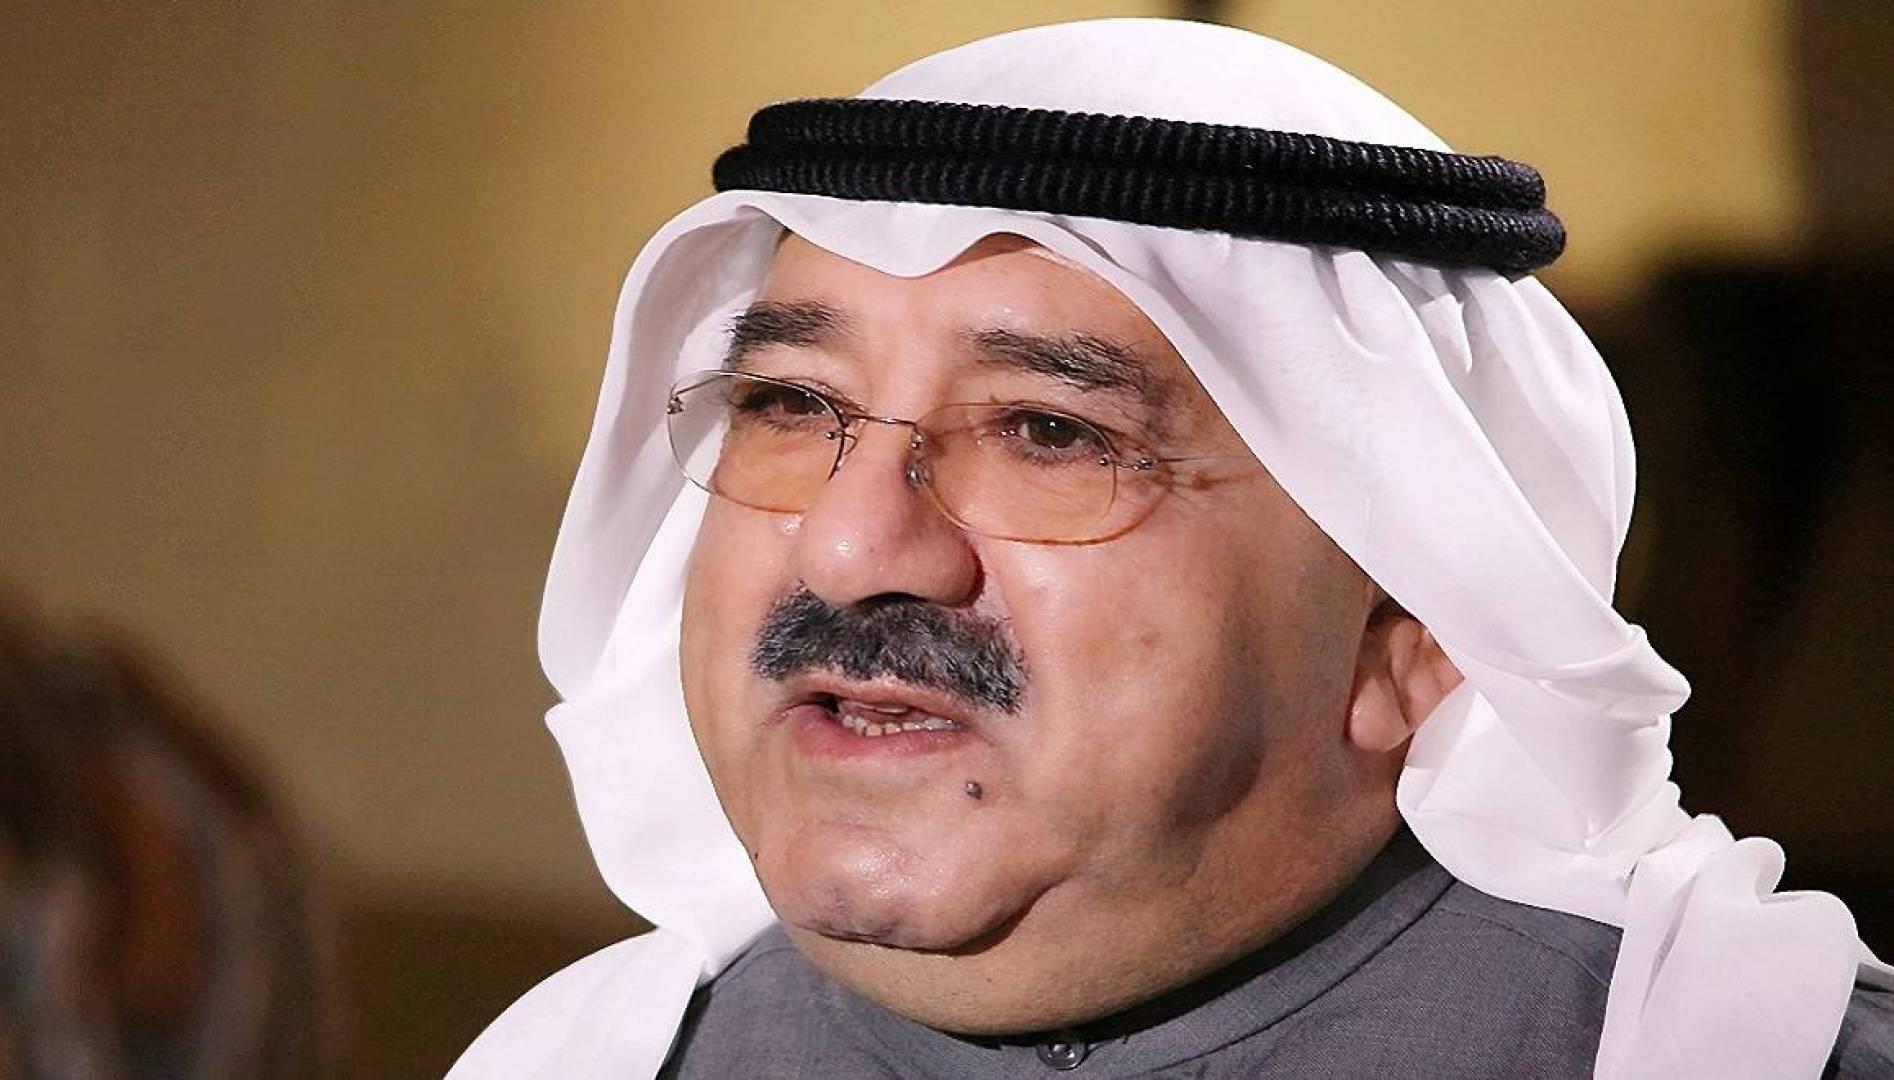 ناصر الصباح: لا نقبل لجنة تحقيق مظلتها من وردت أسماؤهم بالتجاوزات